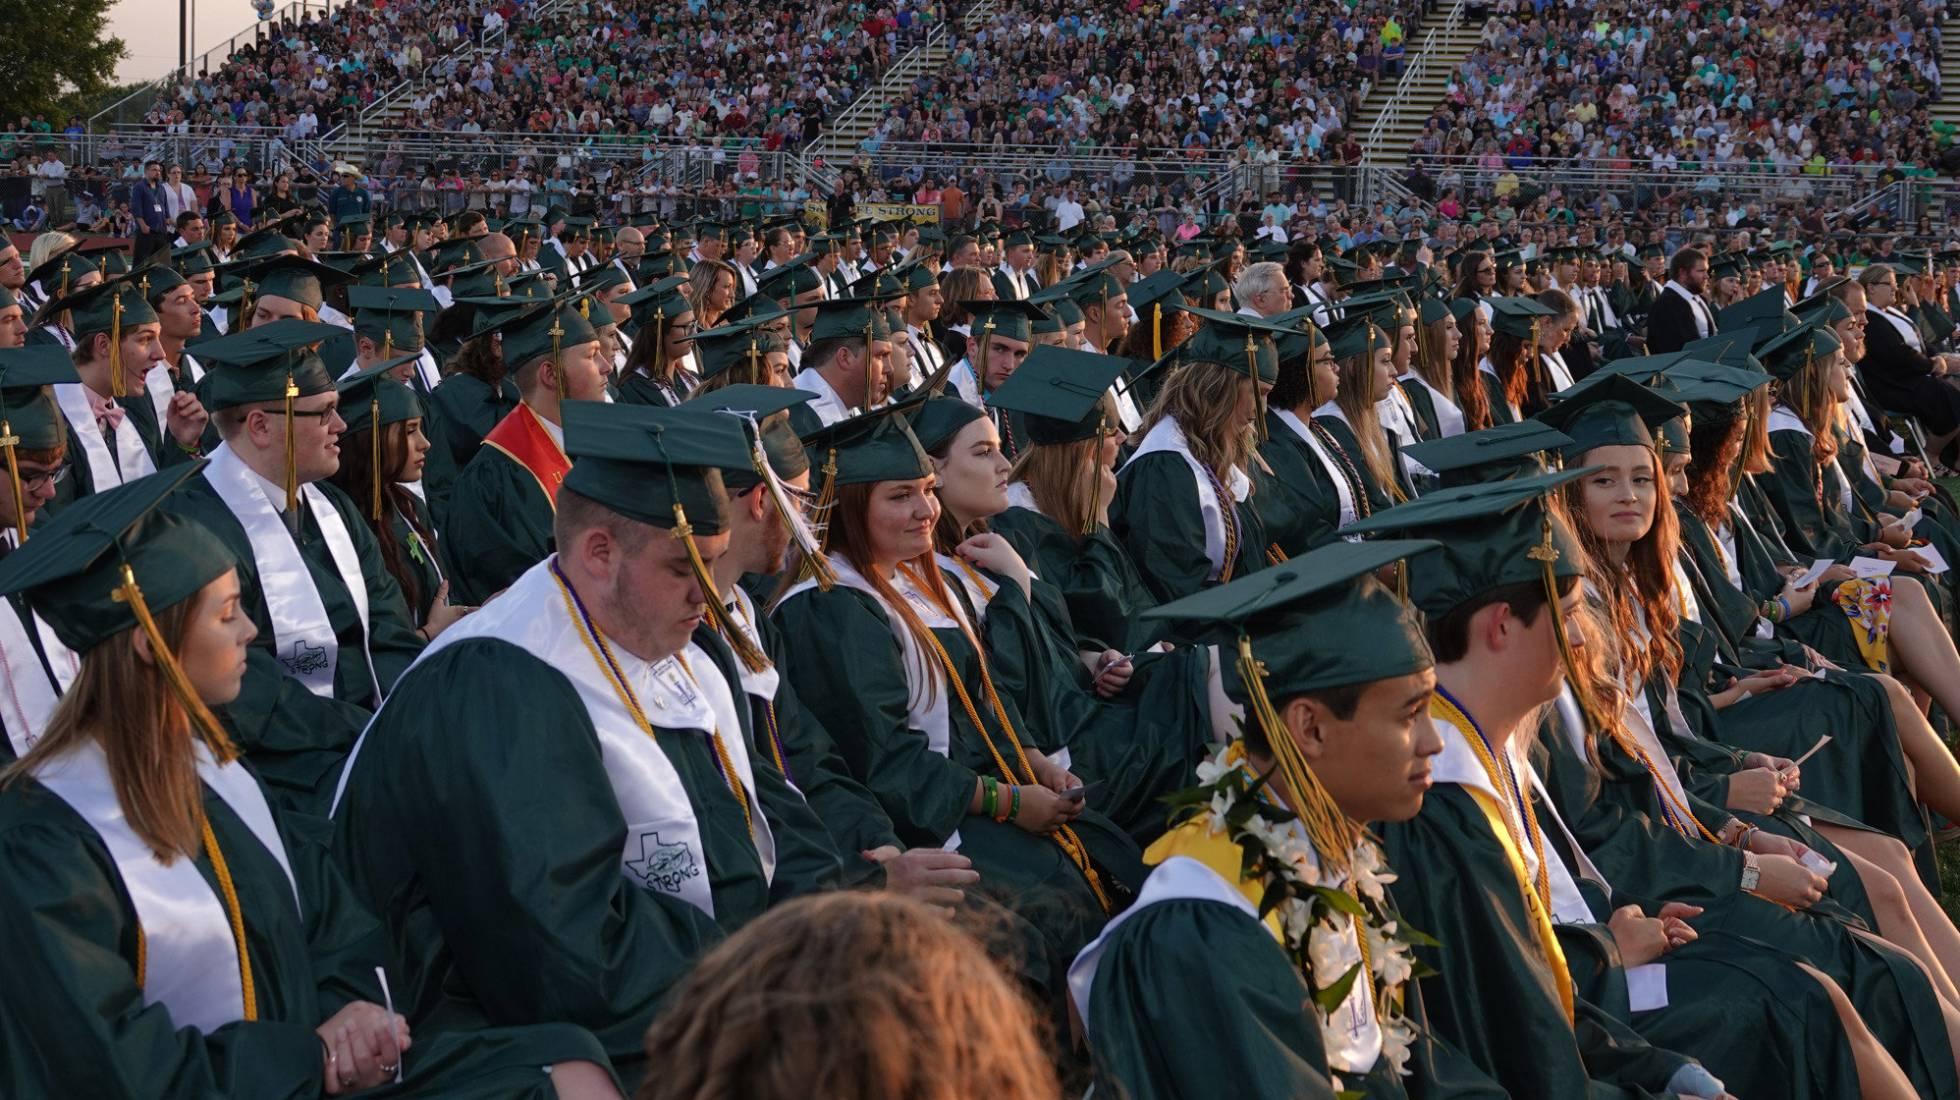 Cerimônia de graduação em uma instituição educacional do Texas.